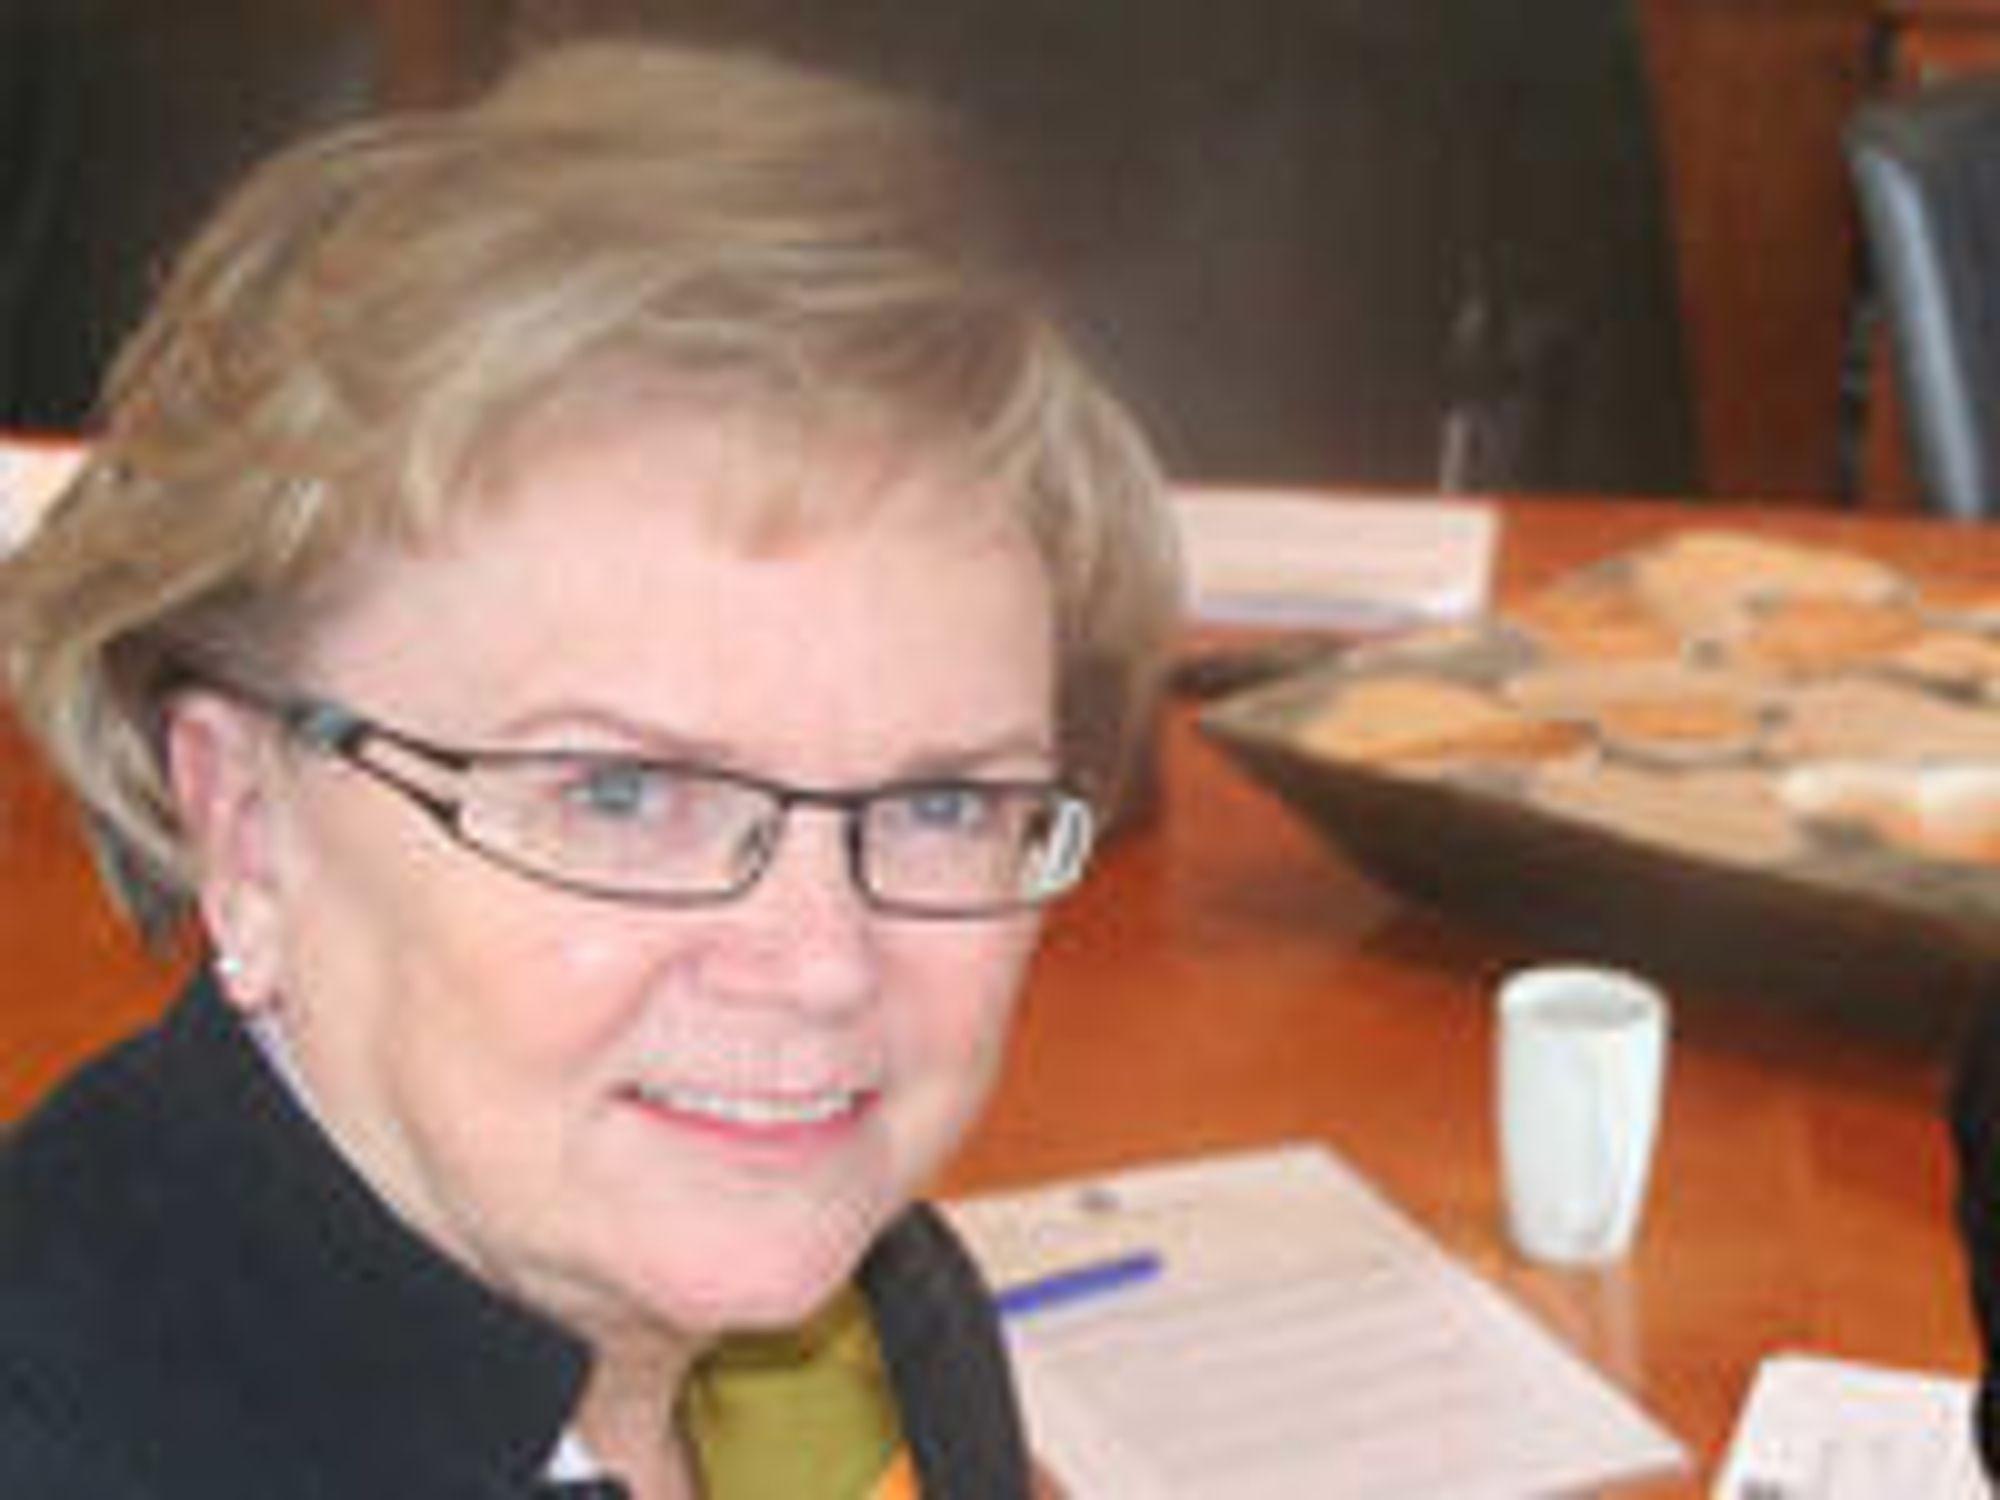 Kommunalminister Magnhild Meltveit Kleppa ønsker seg et spleiselag for bredere bredbånd i distriktene.